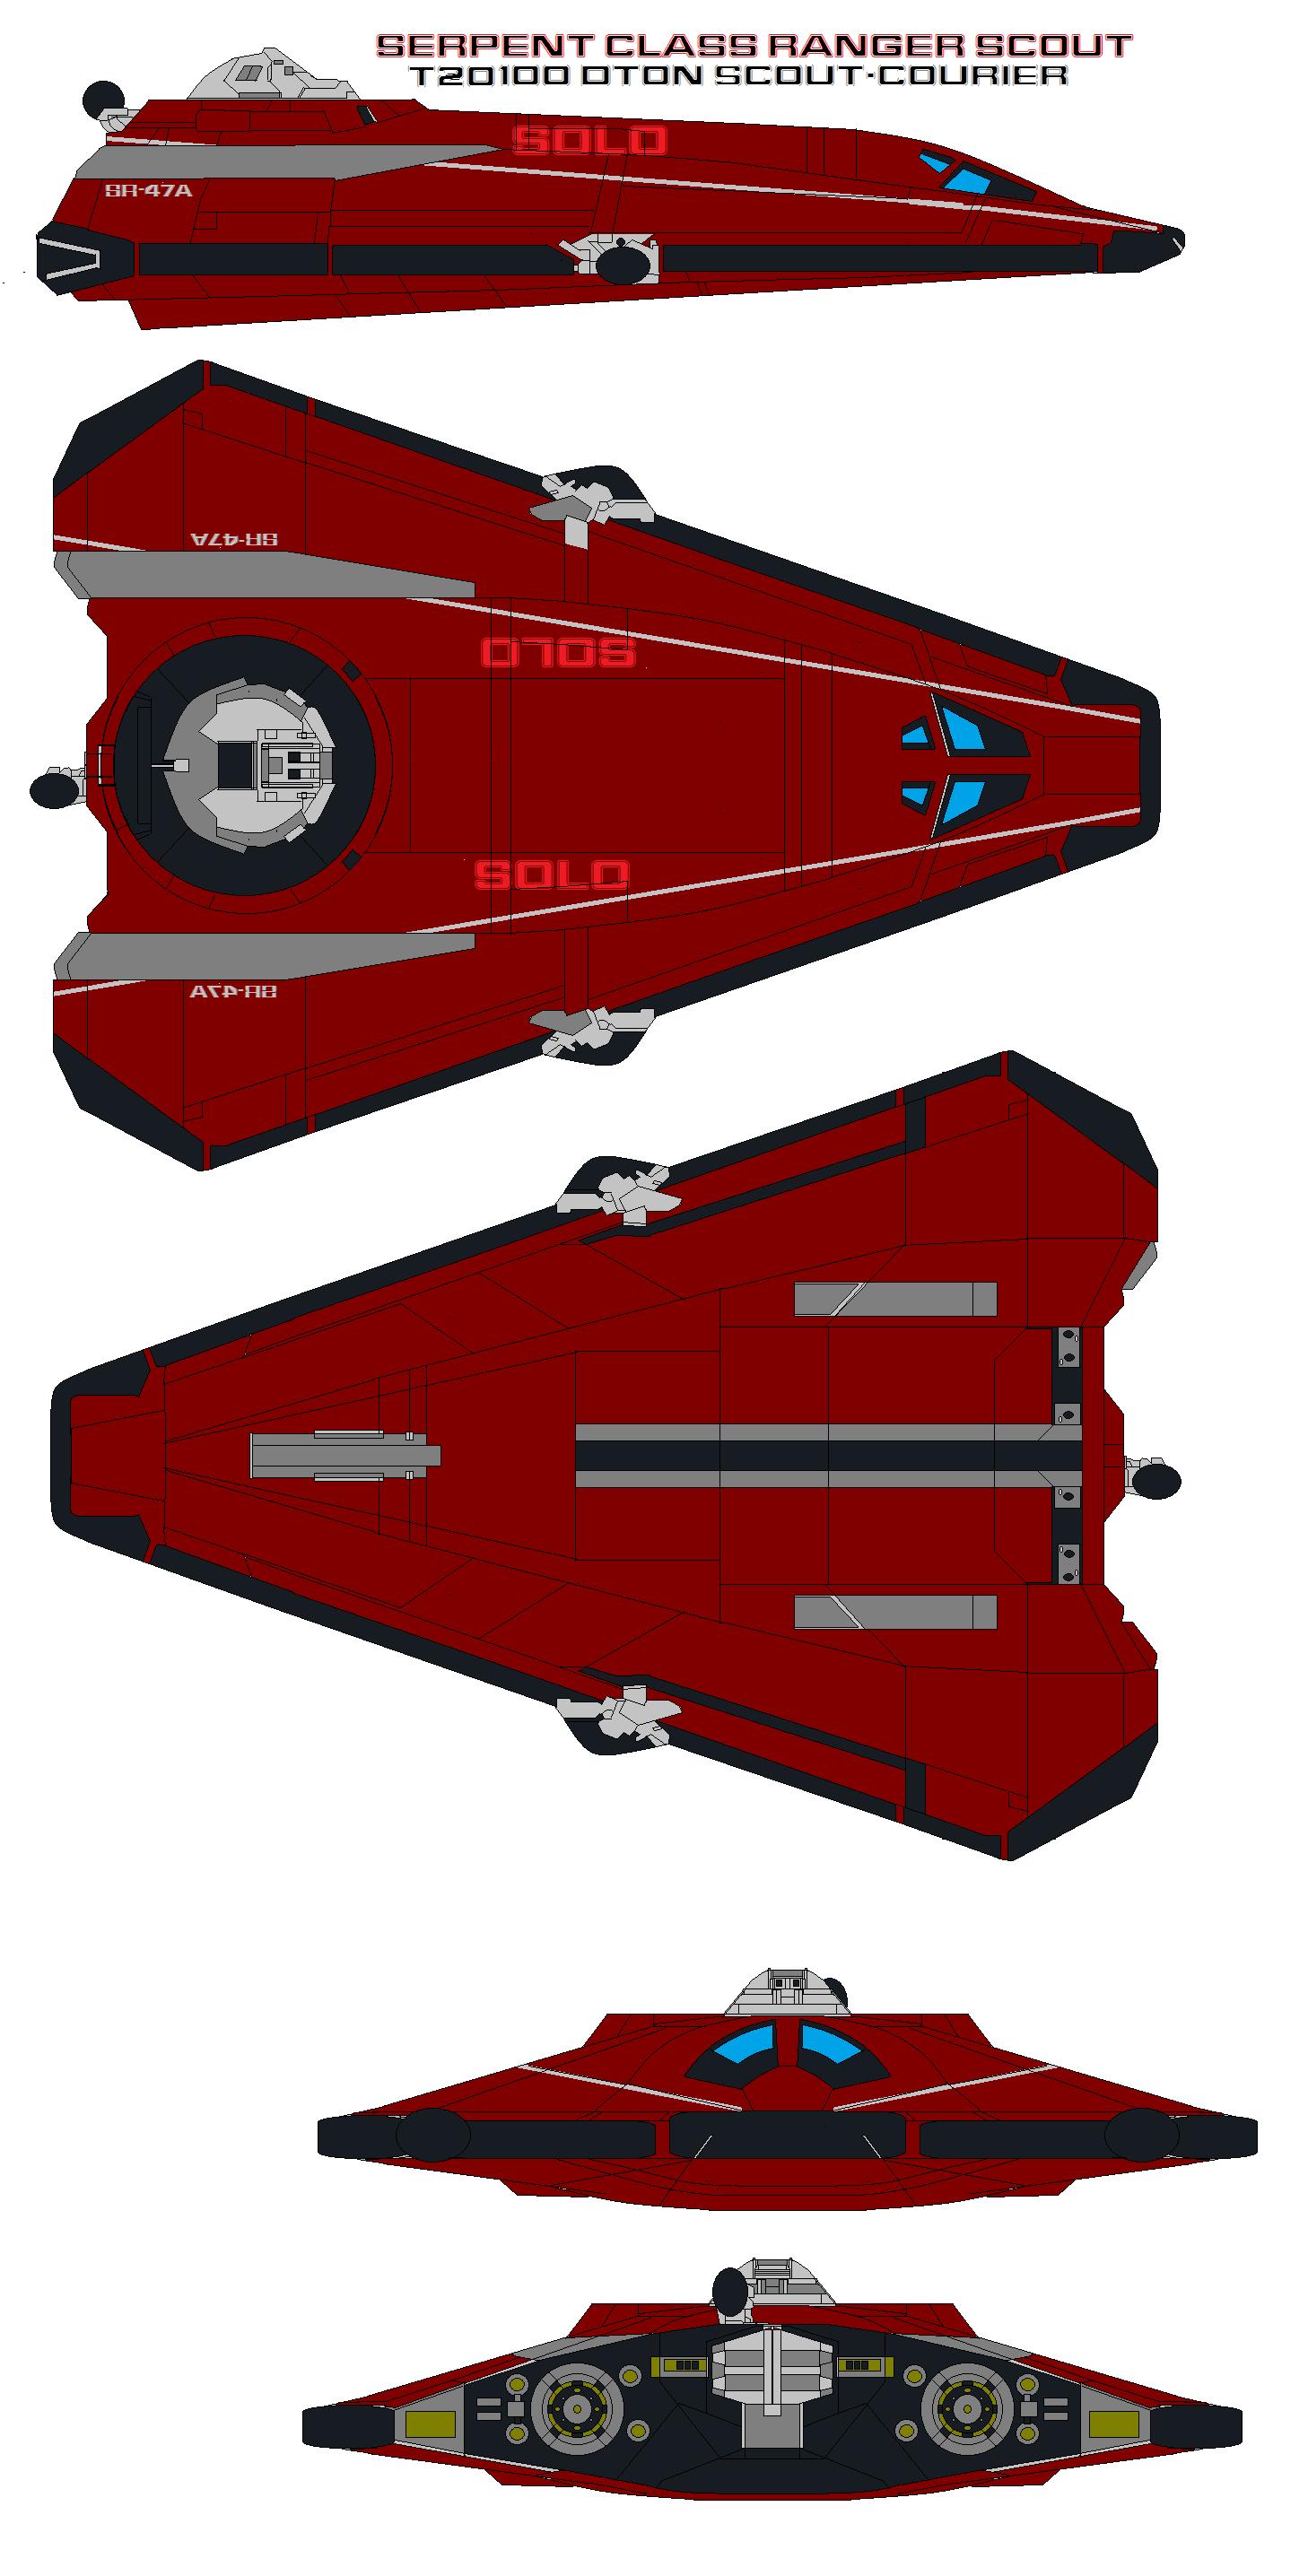 Serpent Class Ranger T20 100 dton Scout-Courier